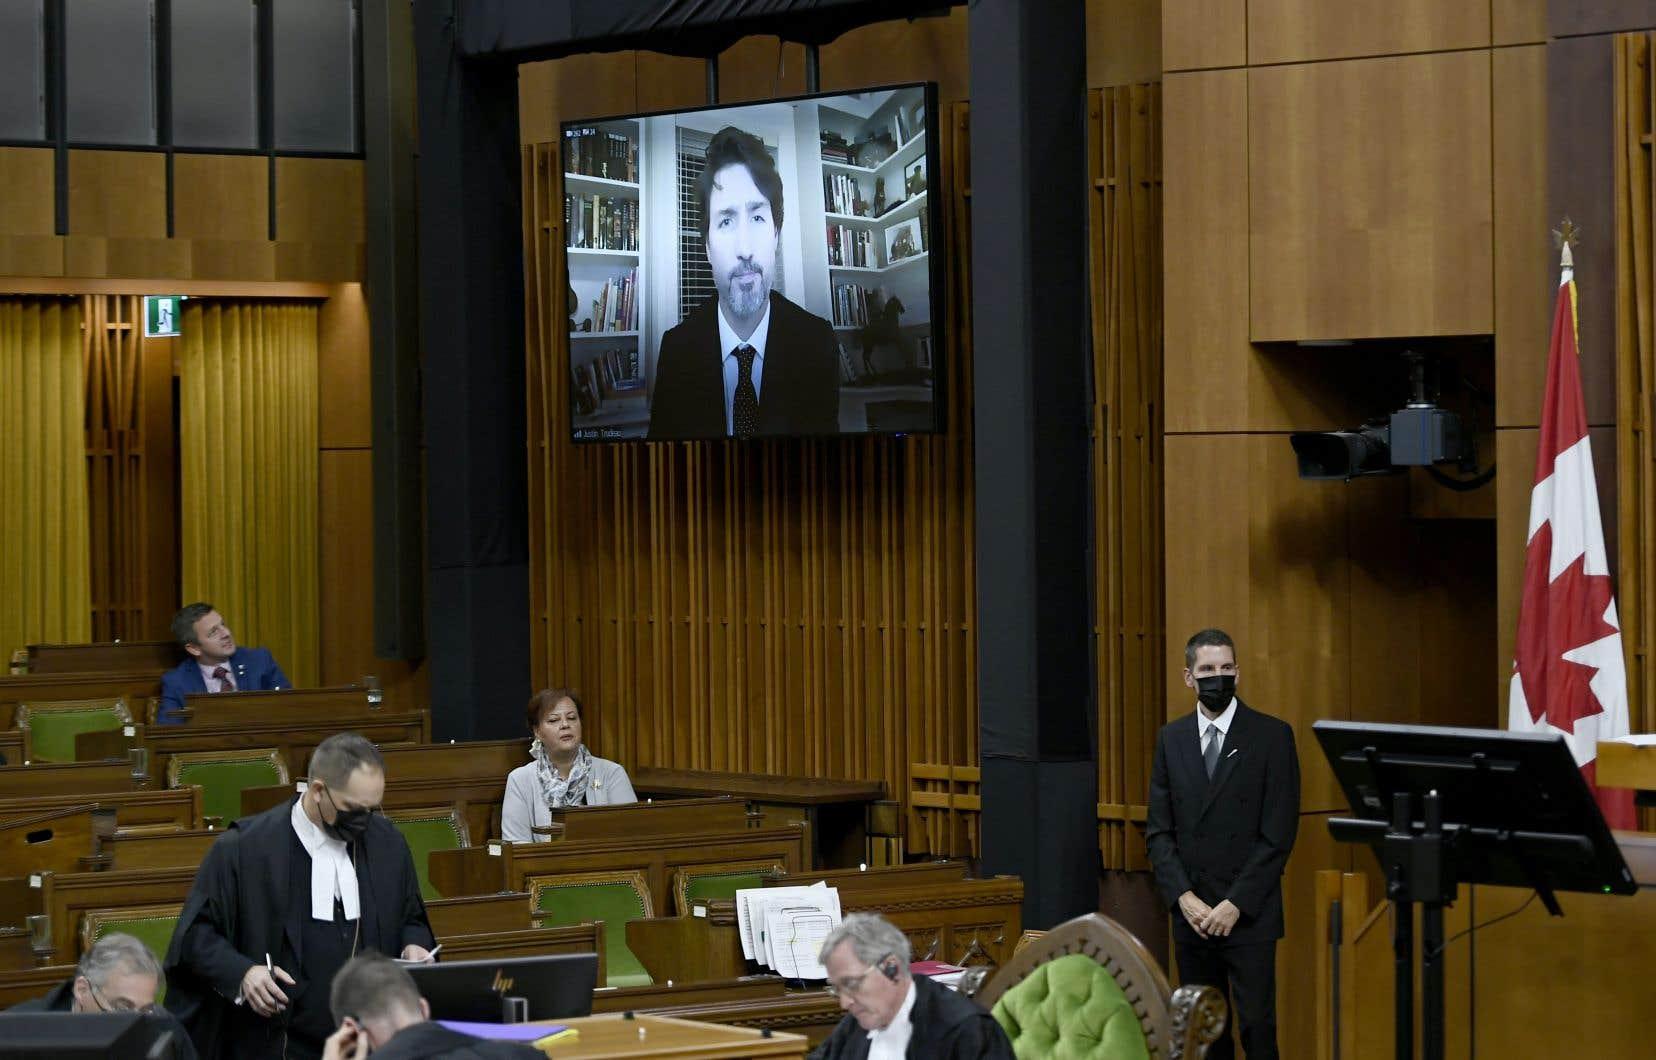 Le premier ministre Justin Trudeau participait via visioconférence au vote sur le discours du Trône, à la Chambre des communes.